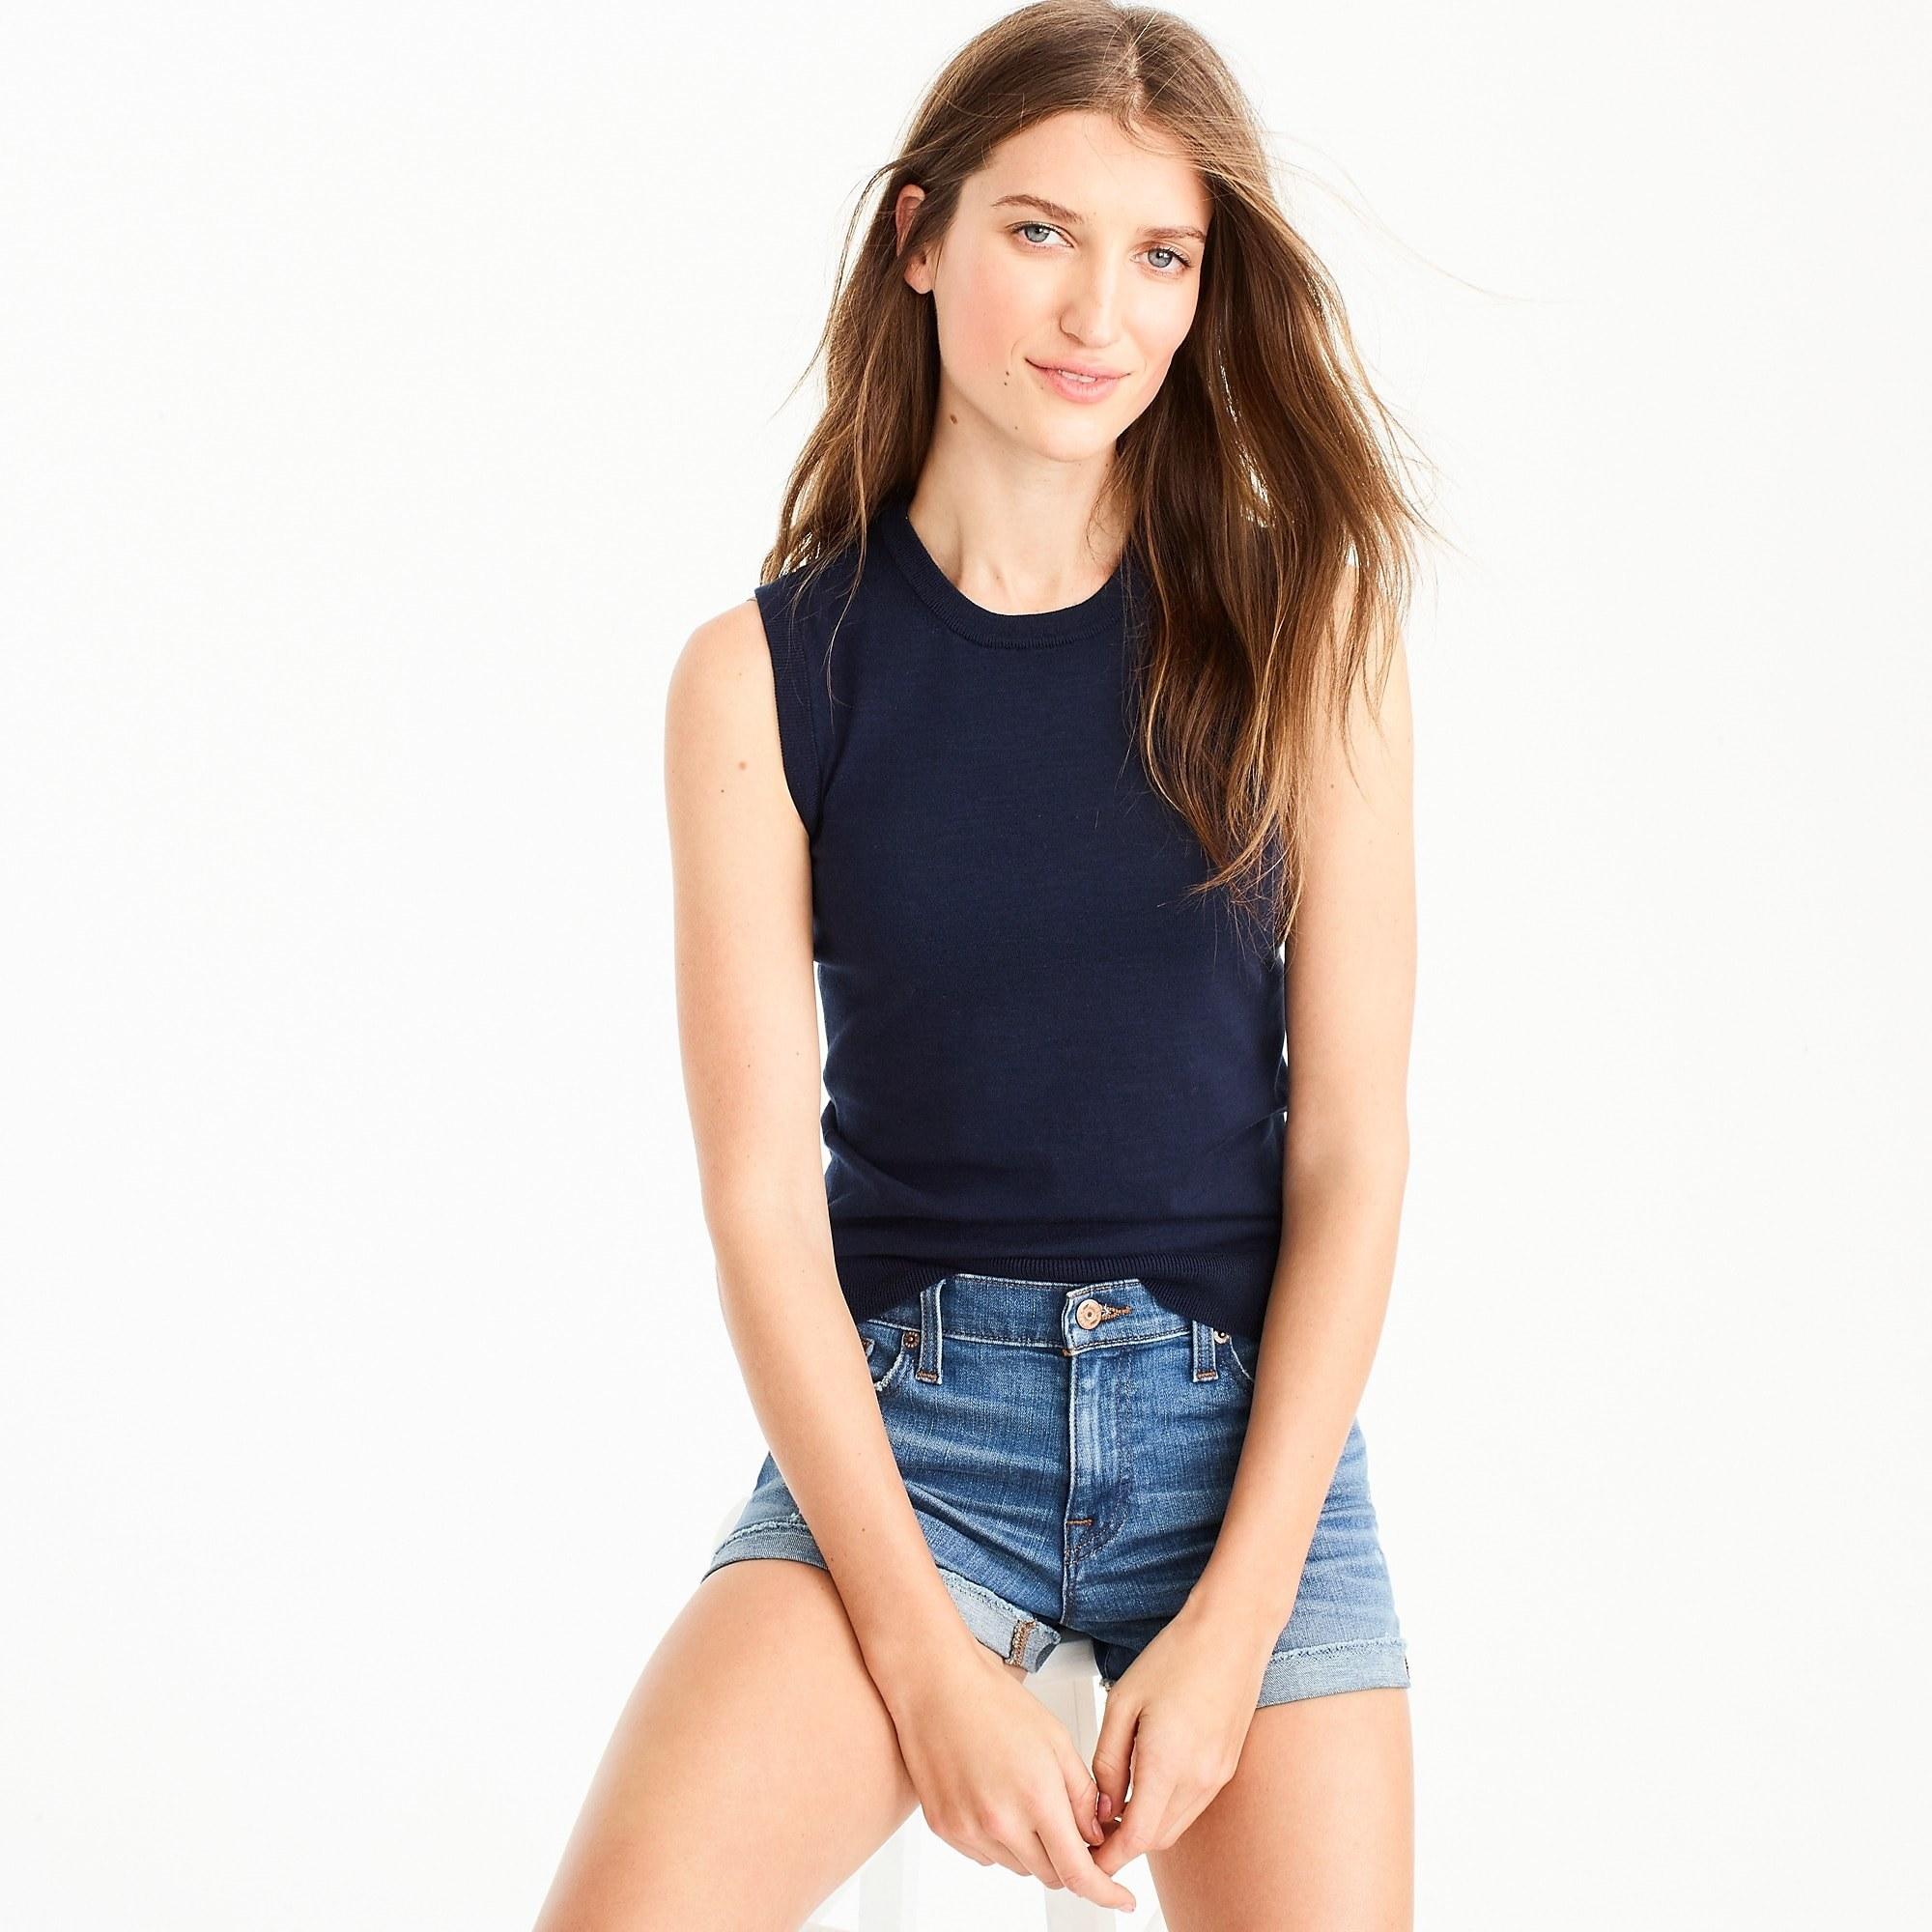 model wearing navy shell